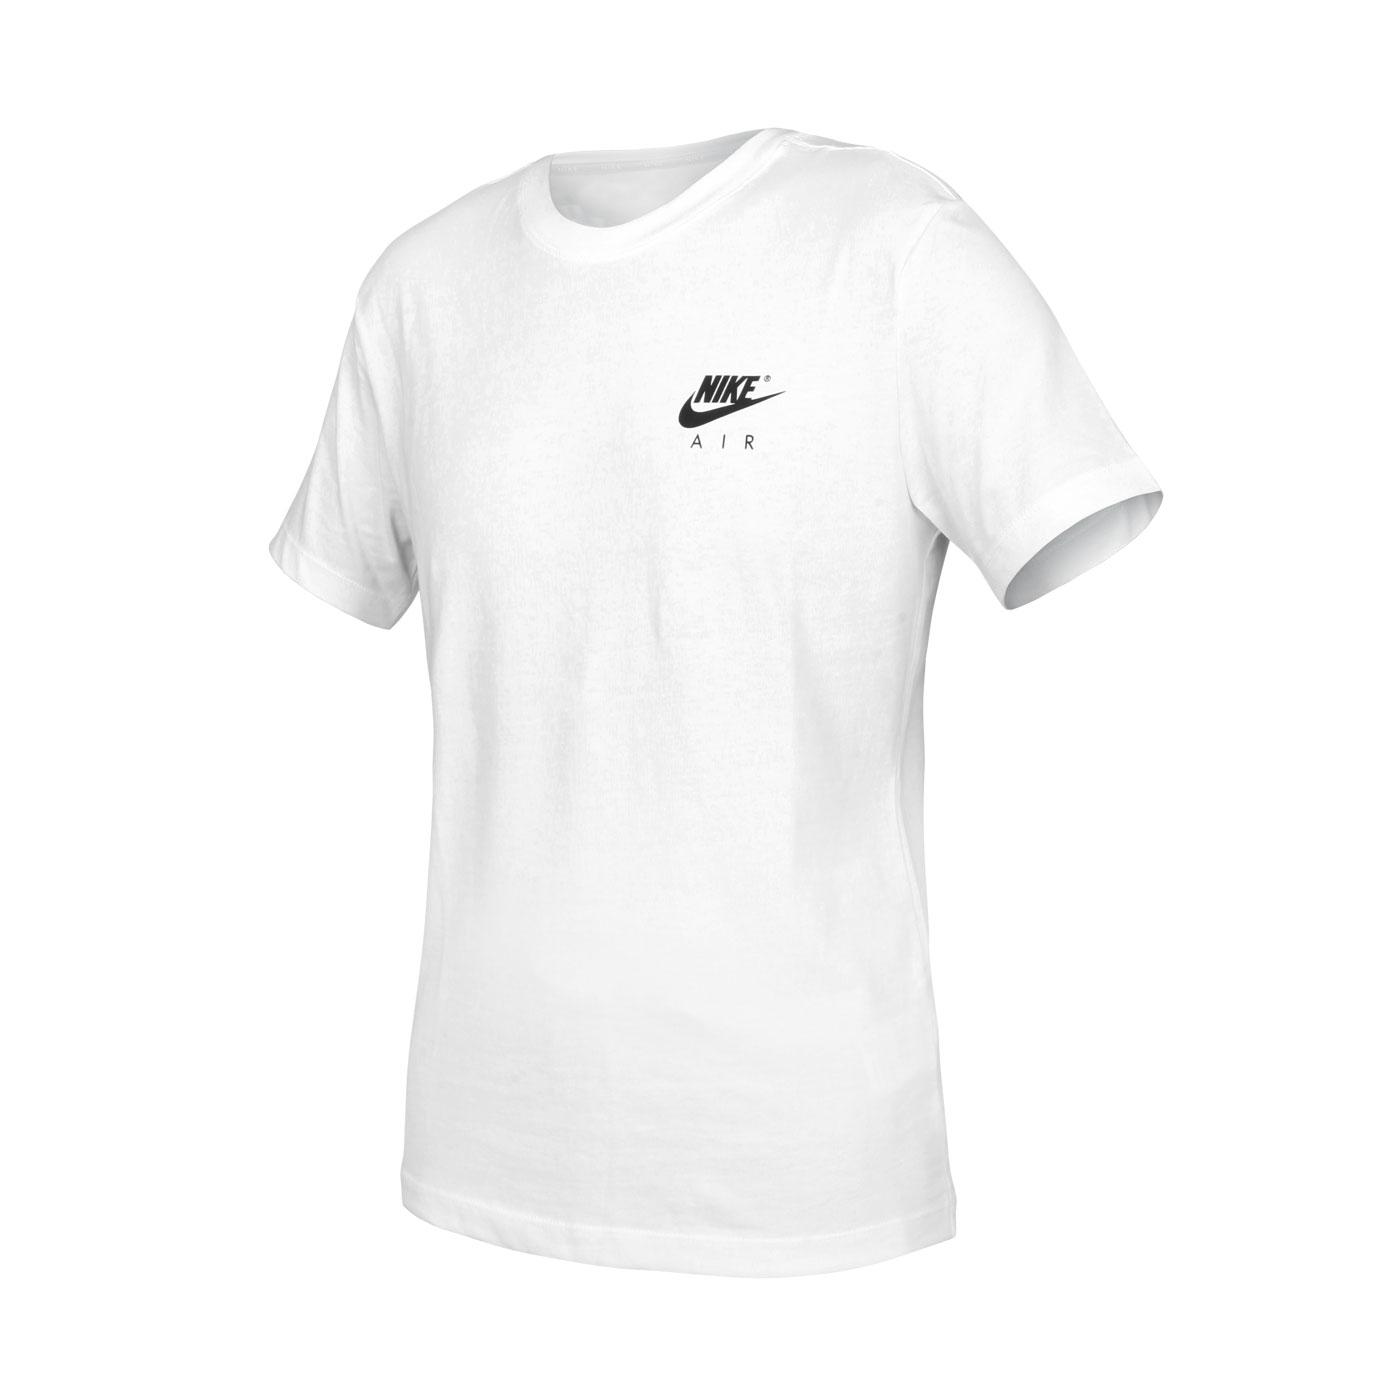 NIKE 男款短袖T恤 DD3355-100 - 白黑